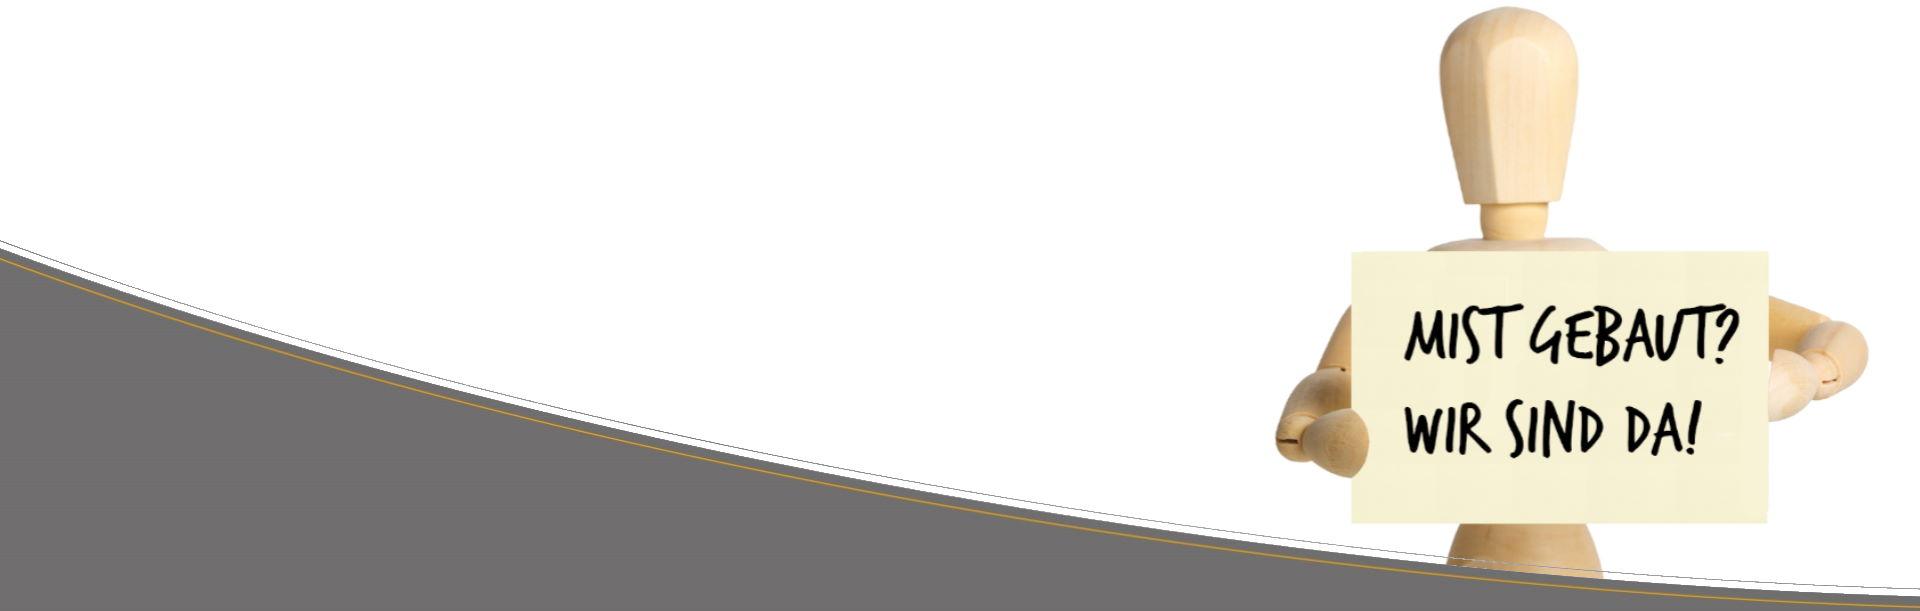 Gliedermännchen mit Schild